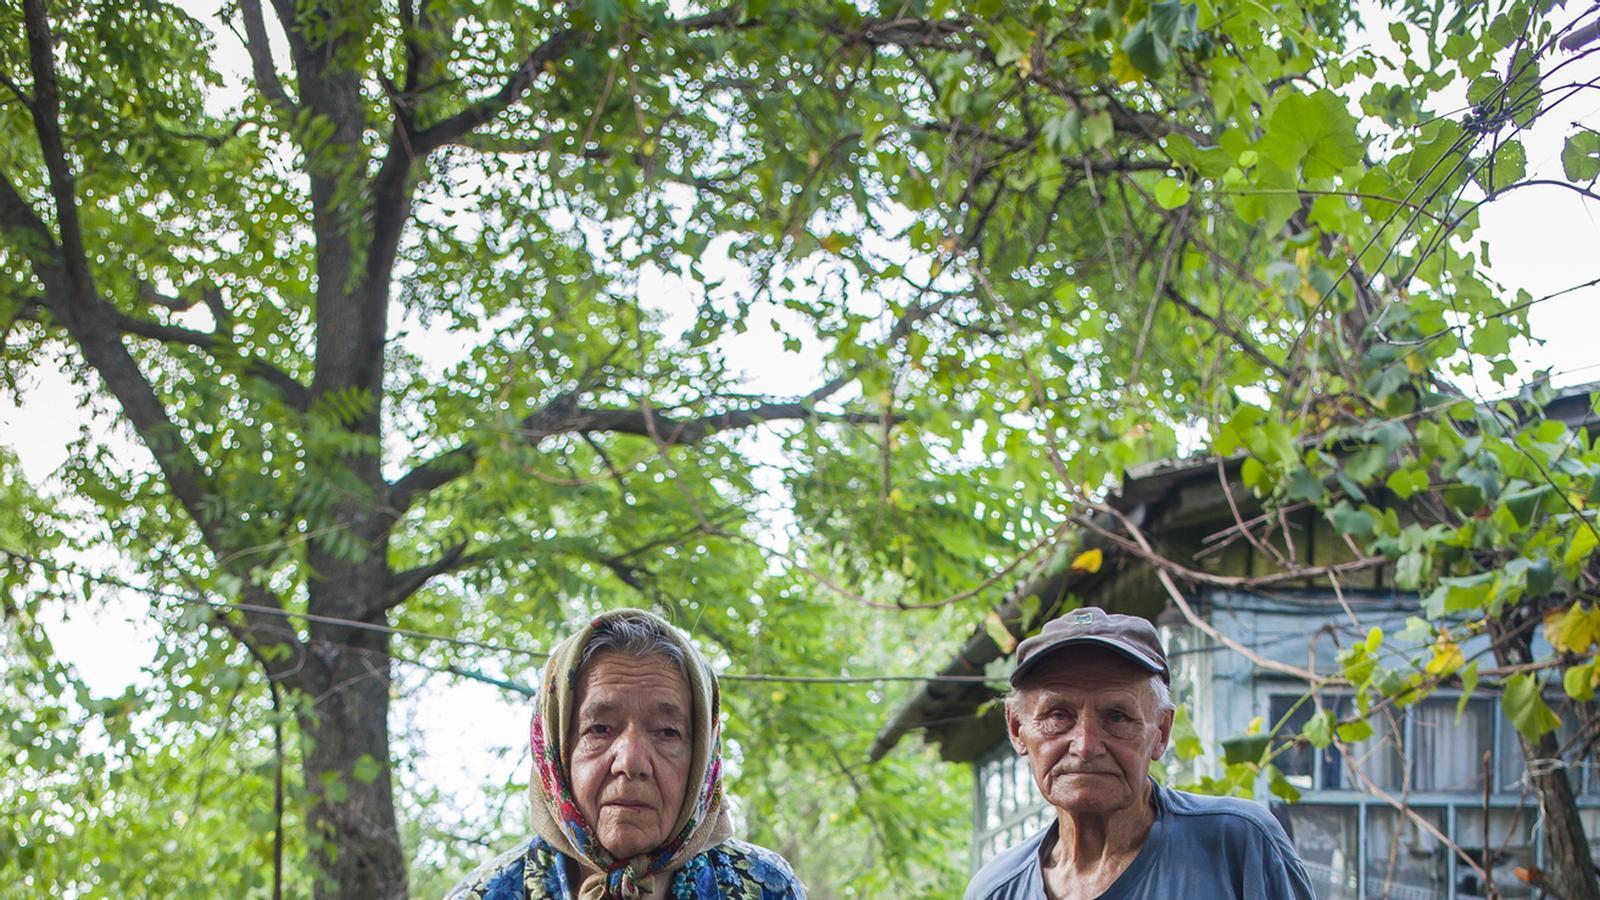 Ivan i Maria, un antic 'liquidador' de Txernòbil (va participar en la construcció del sarcòfag). La parella va tornar a viure a la zona clandestinament : RAMON USÓ  .jpg